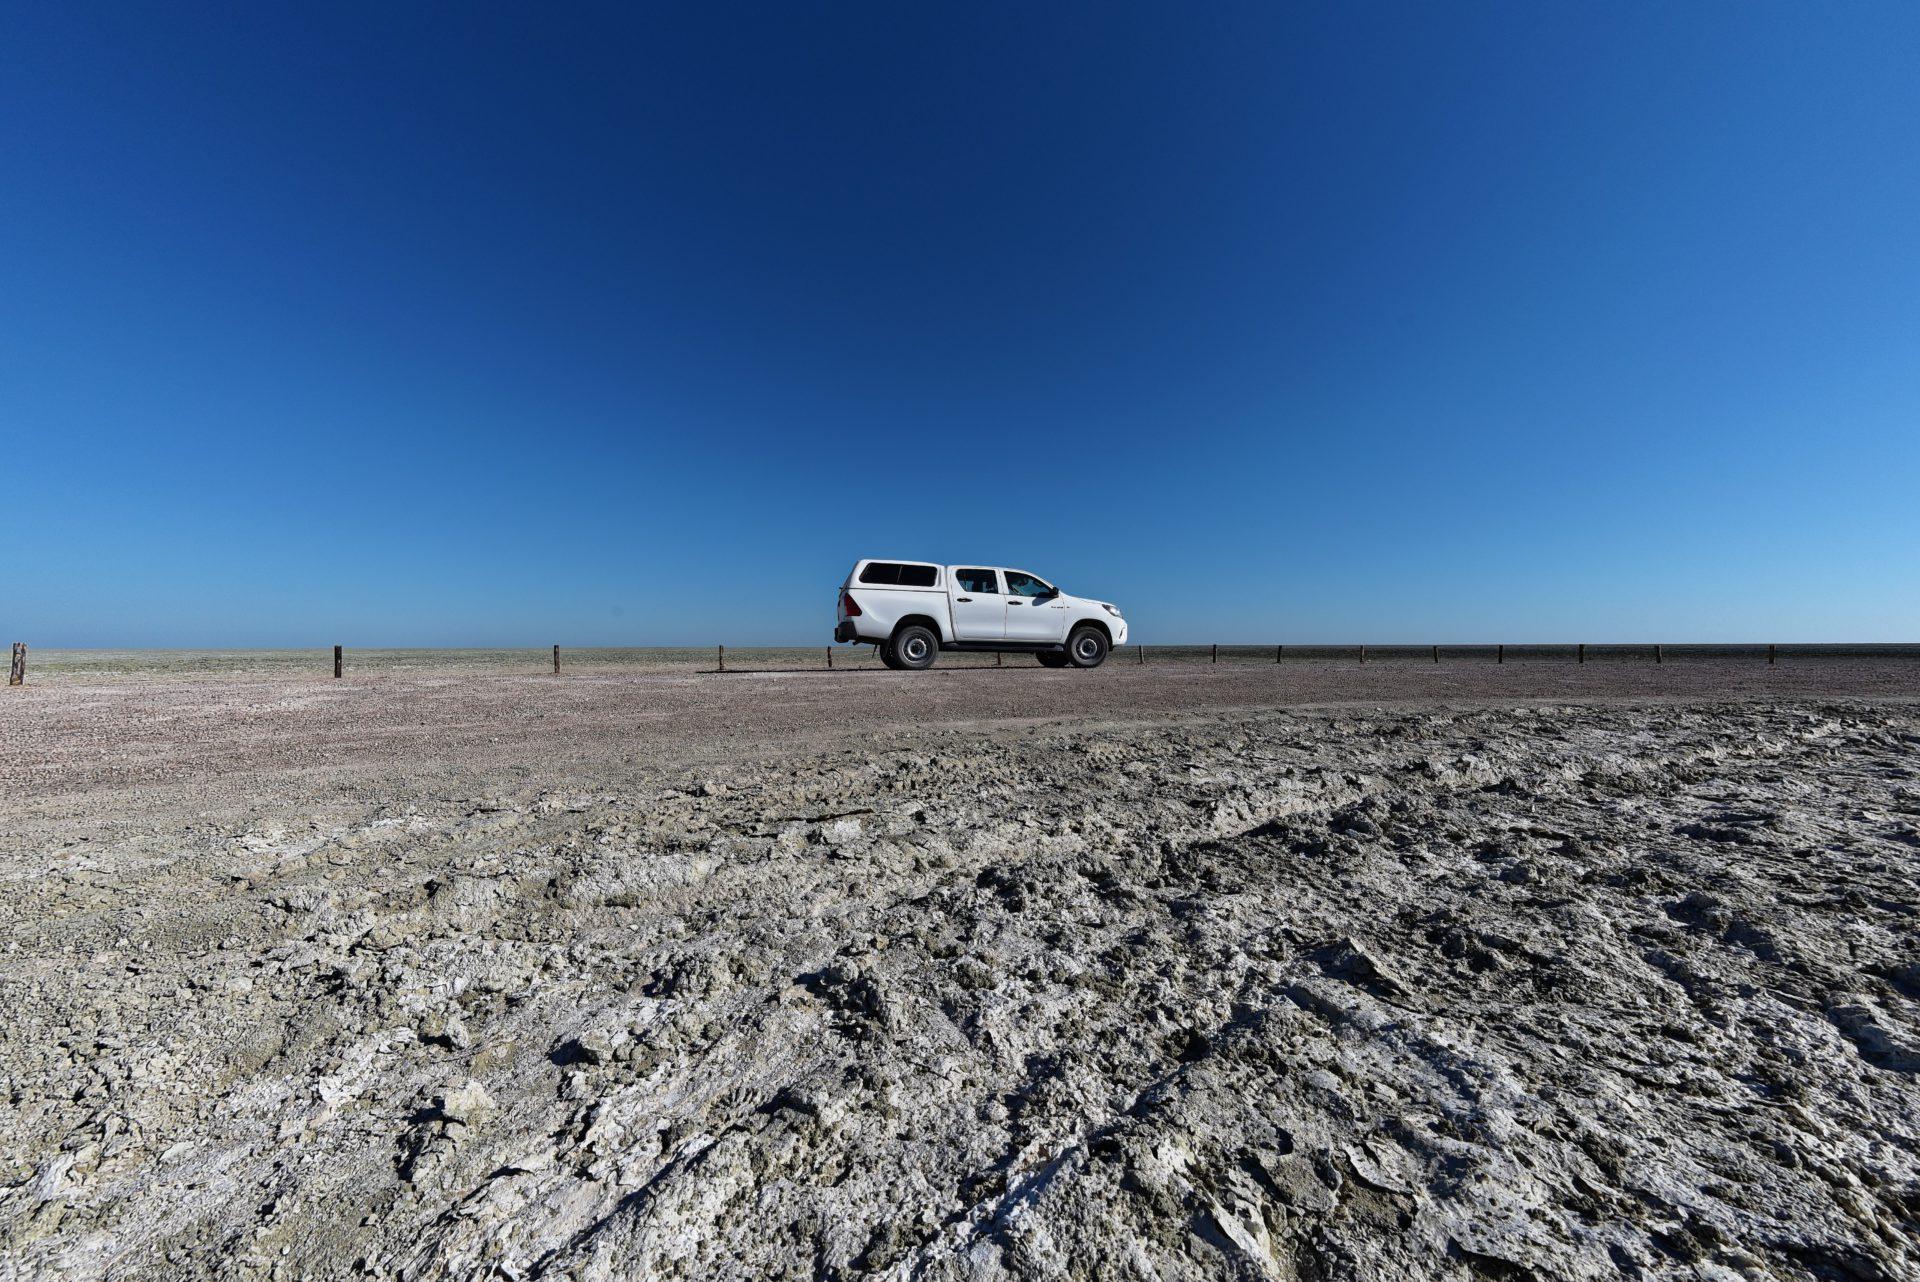 Etosha Pan - Etosha National Park - Namibia